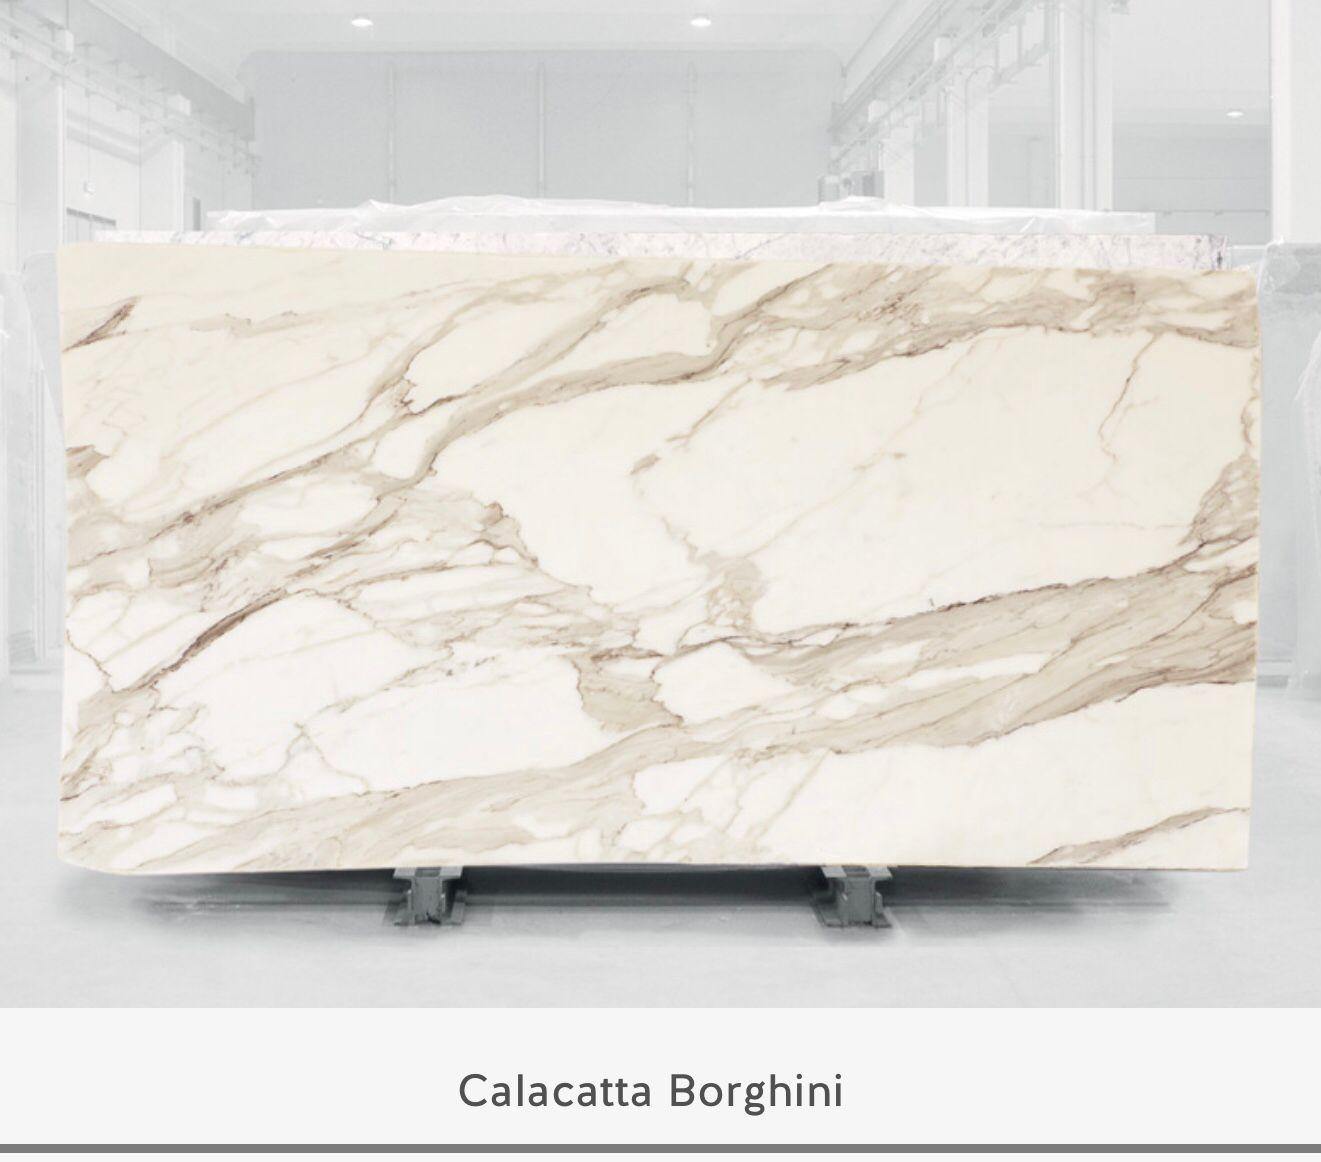 Calacatta Borghini